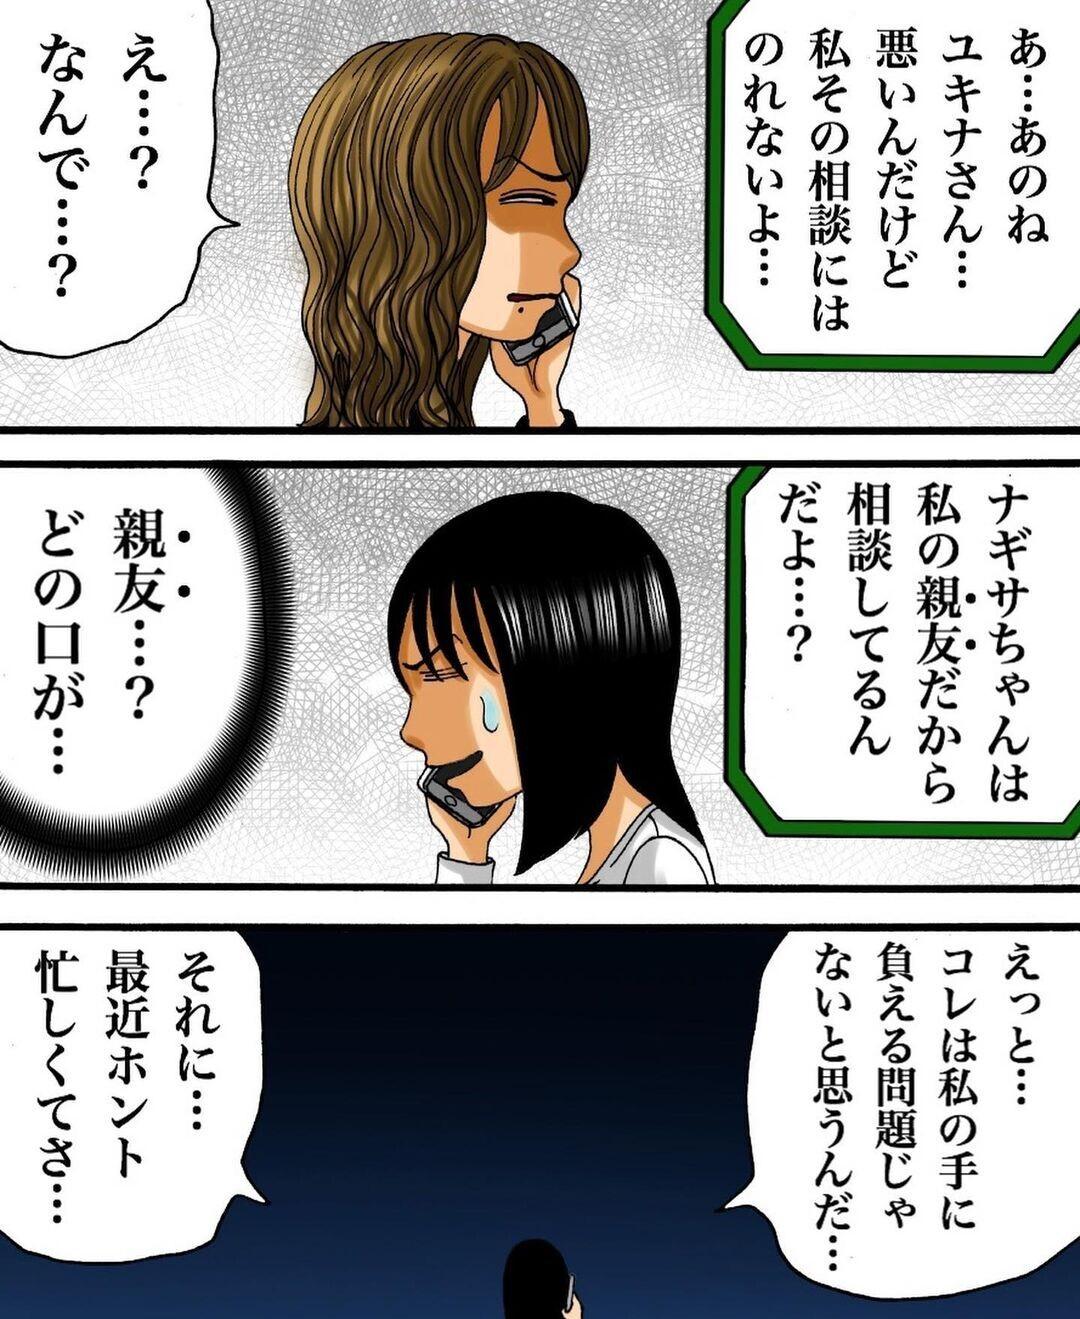 ママ友と距離を置くためハッキリ拒絶、しかしこれが新たなトラブルの始まりに⁉【ヤバイママ友の話 Vol.6】